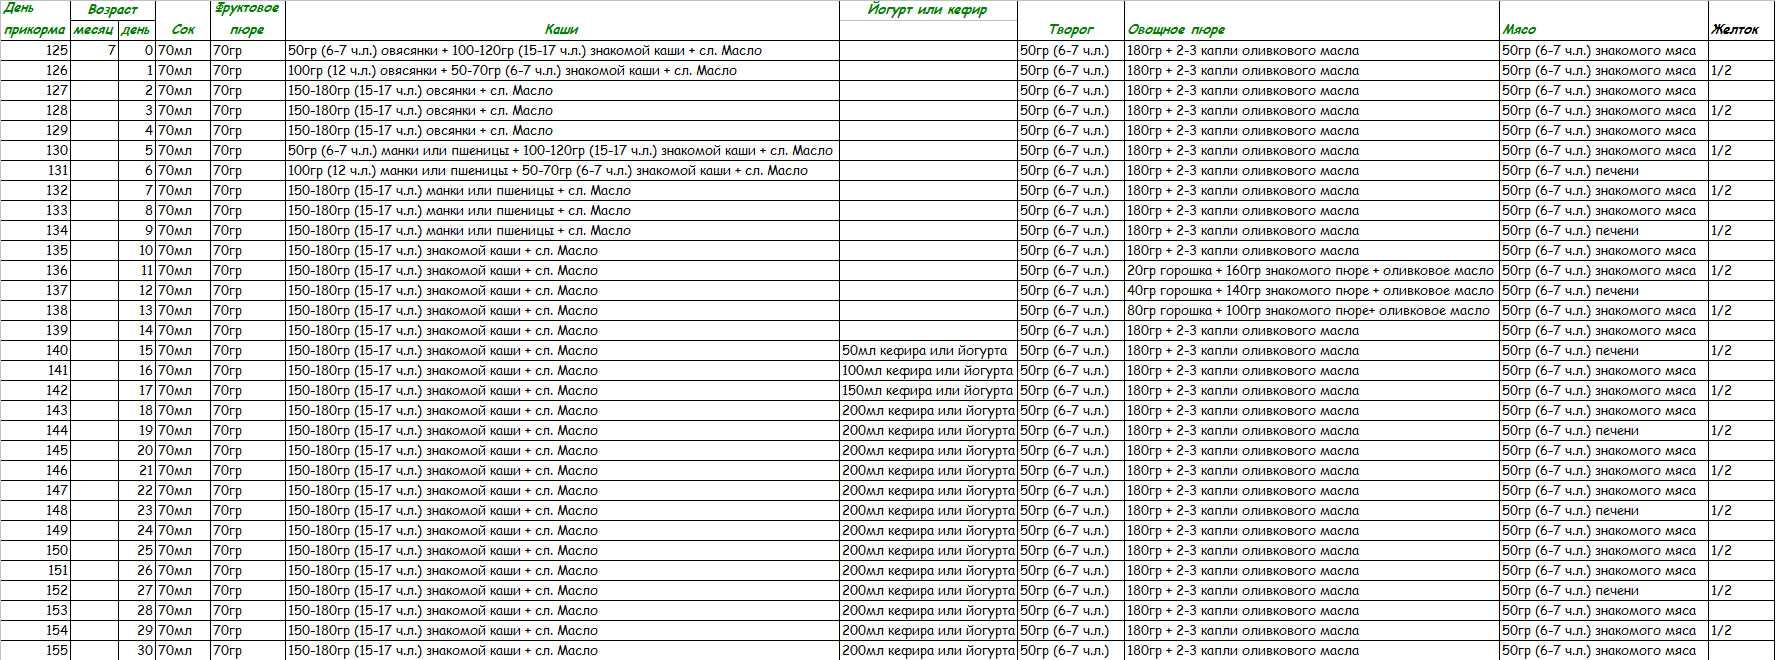 Таблица для составления рациона прикорма малыша в 7 месяцев